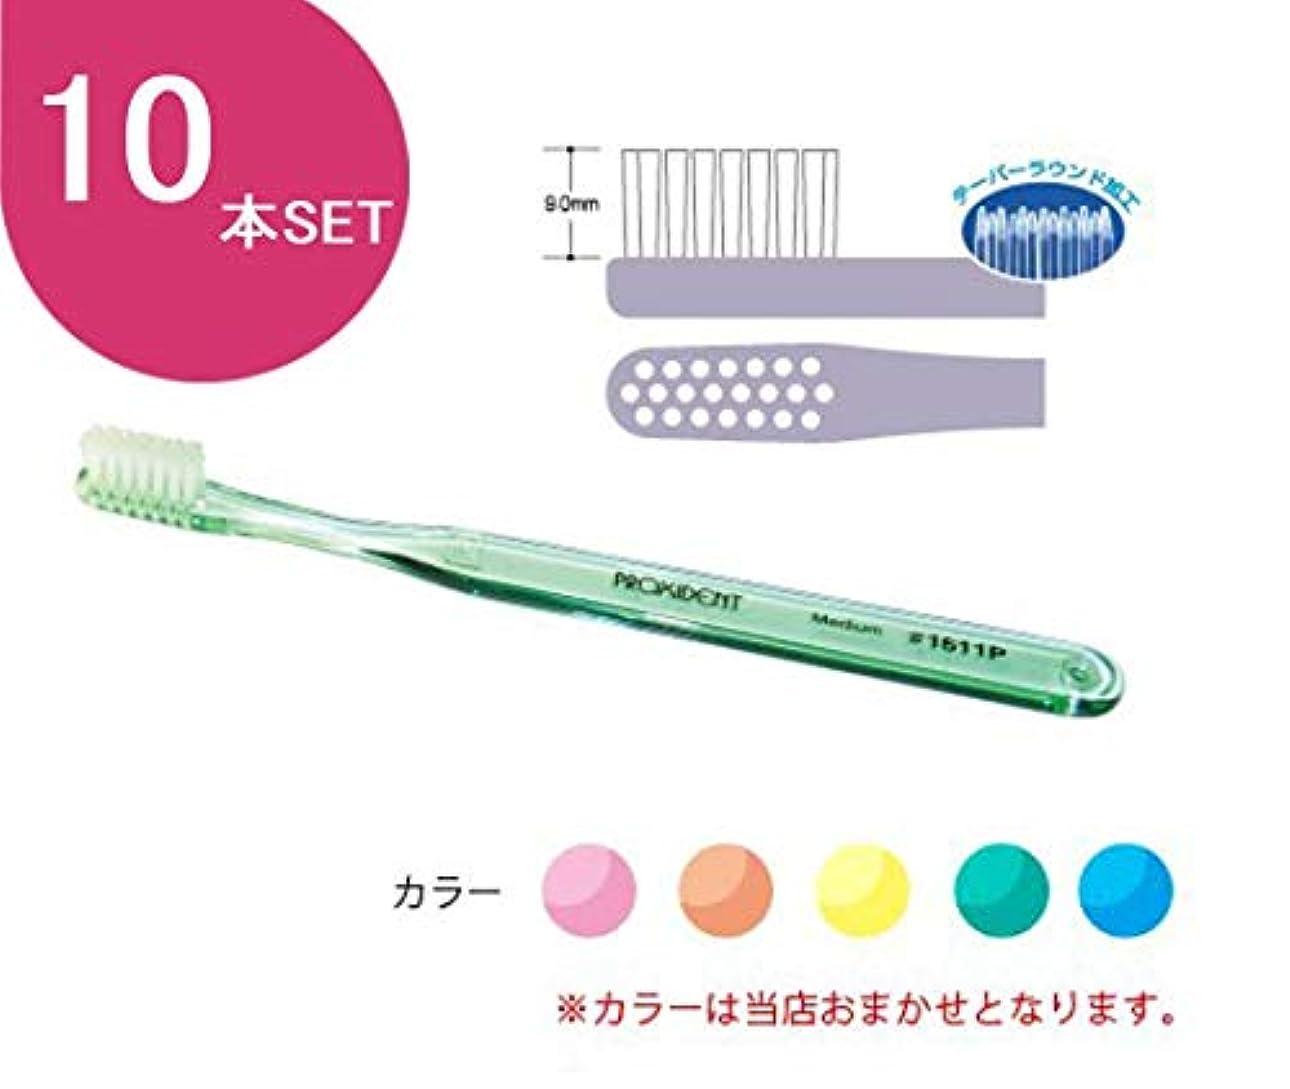 潜在的な口地球プローデント プロキシデント #1611P 歯ブラシ 10本入